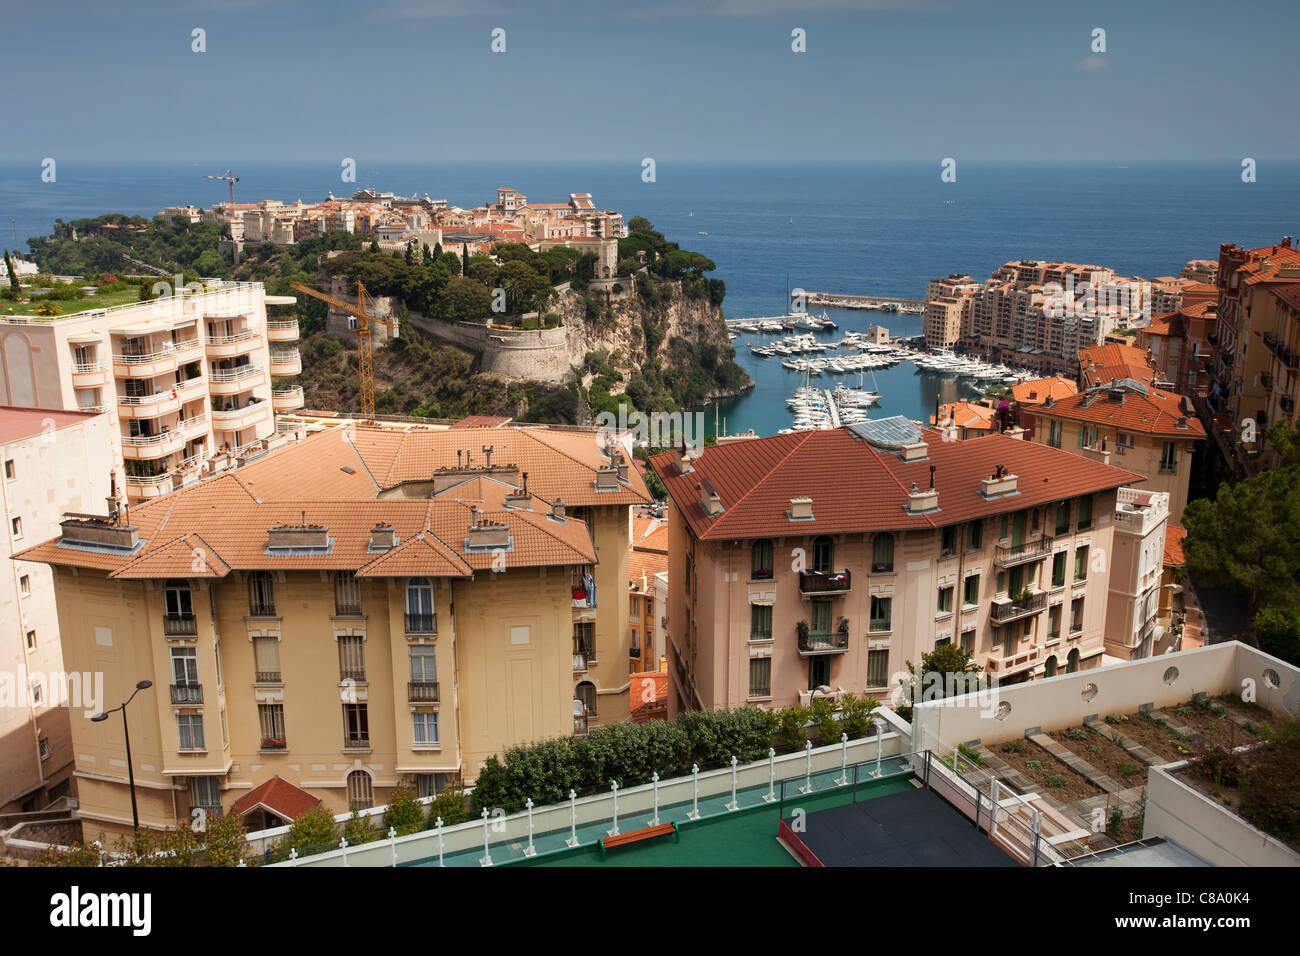 Monaco: La Colle: General View - Stock Image